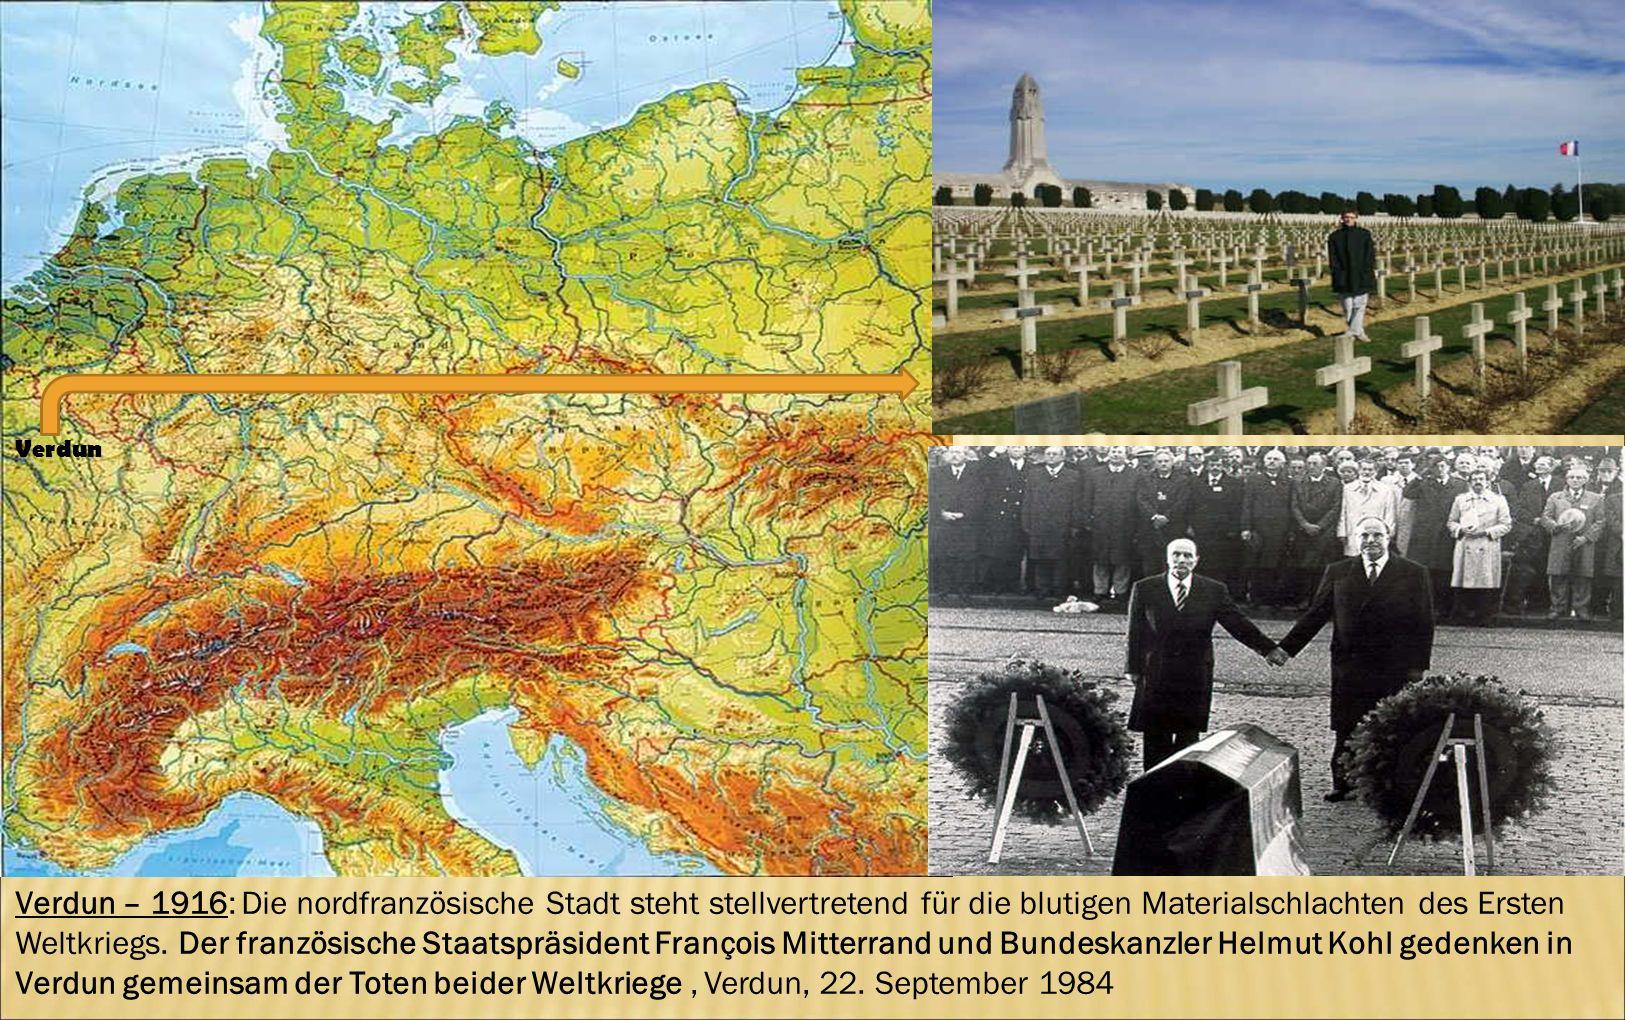 Verdun – 1916: Die nordfranzösische Stadt steht stellvertretend für die blutigen Materialschlachten des Ersten Weltkriegs. Der französische Staatspräs